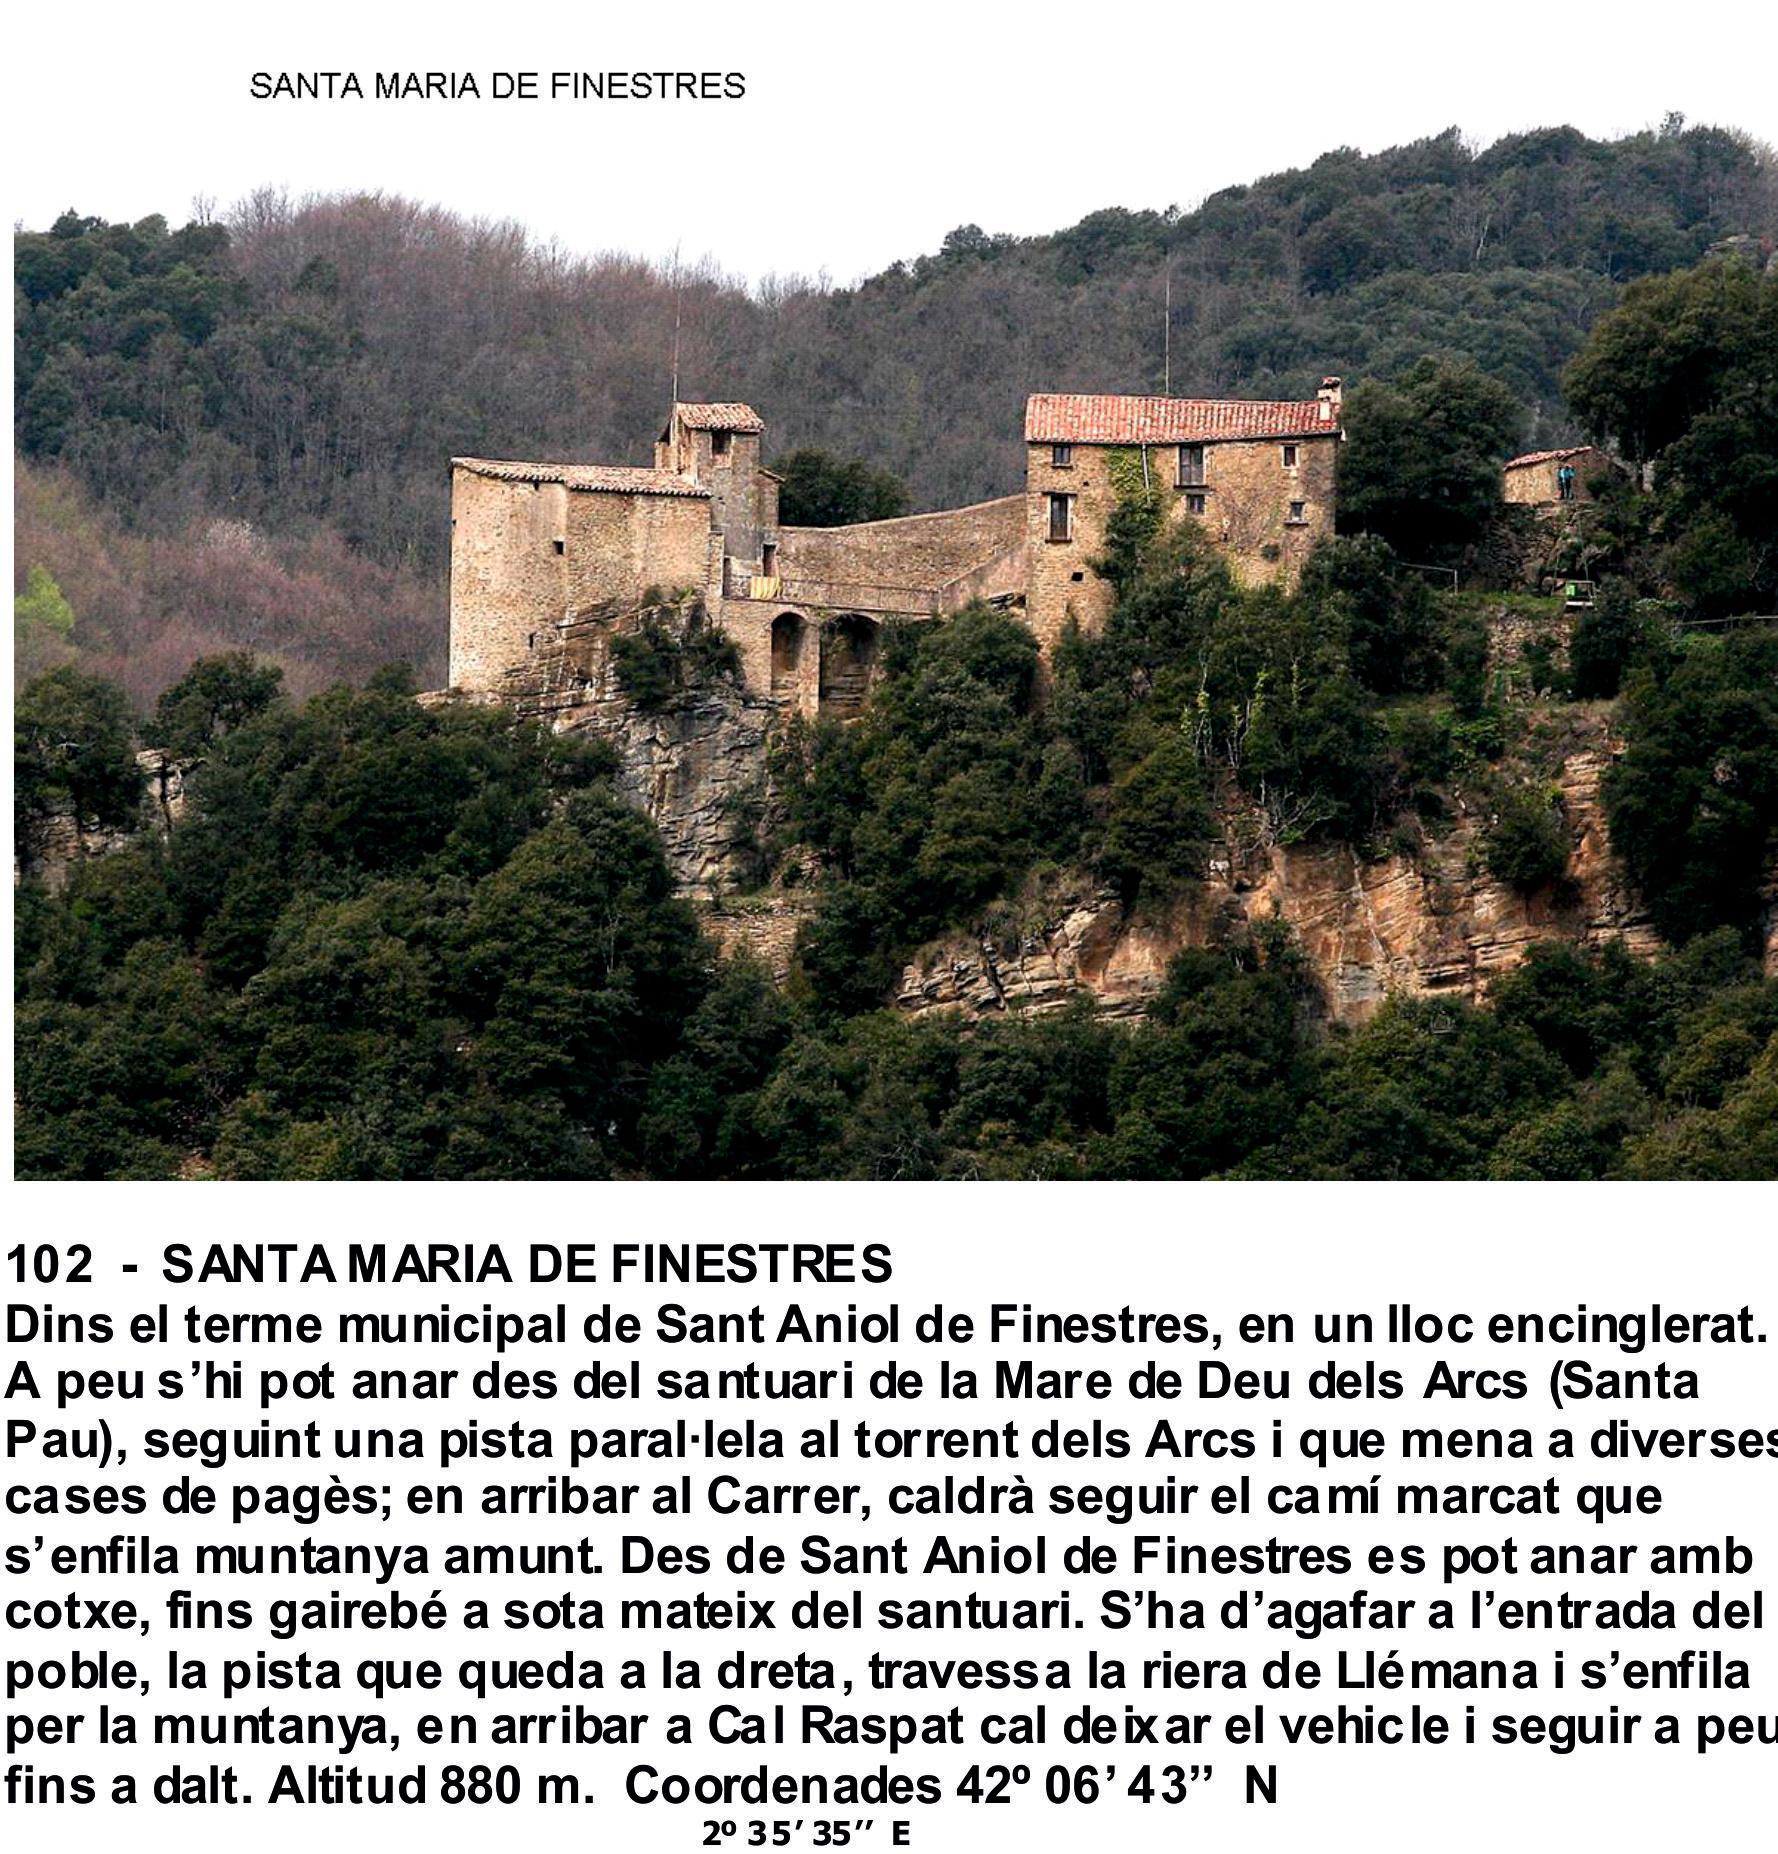 102  -  SANTA MARIA DE FINESTRES